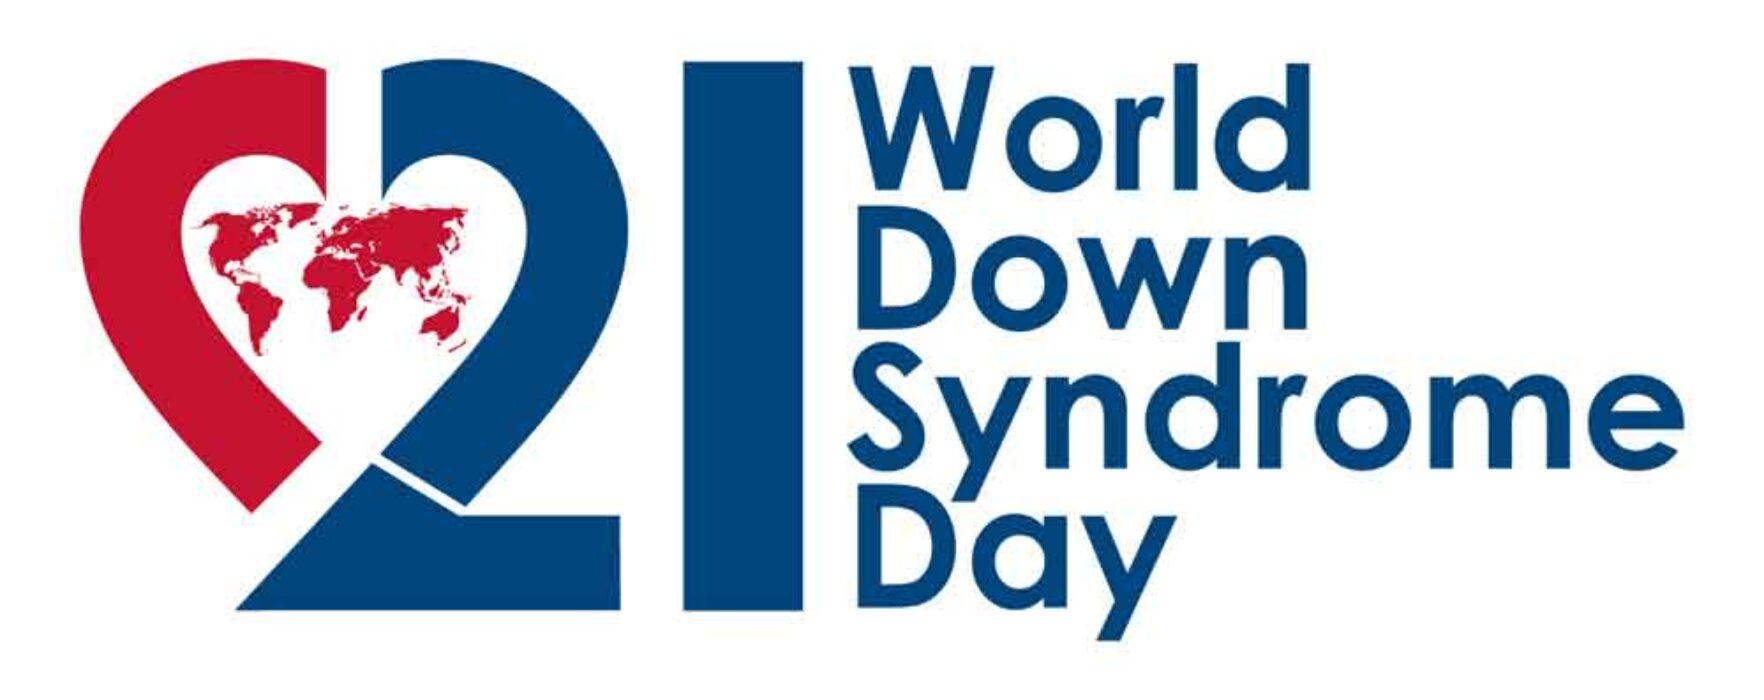 Târgovişte, marcarea Zilei Mondiale a Sindromului Down: Spectacol caritabil şi manifestări în centrul oraşului